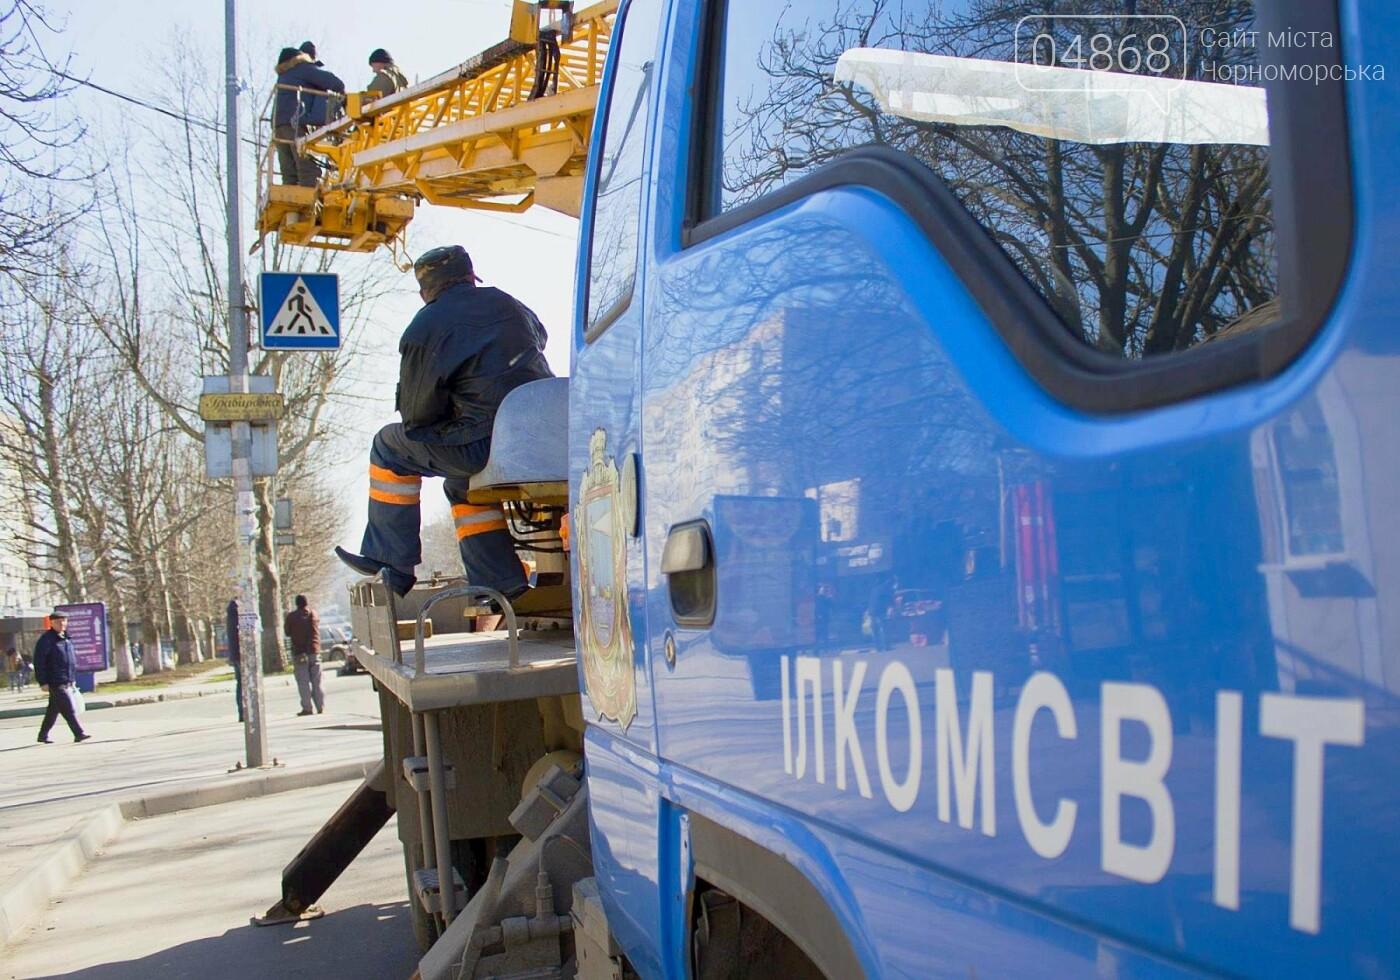 В Черноморске установили ещё 3 светодиодных подсветки пешеходных переходов, фото-7